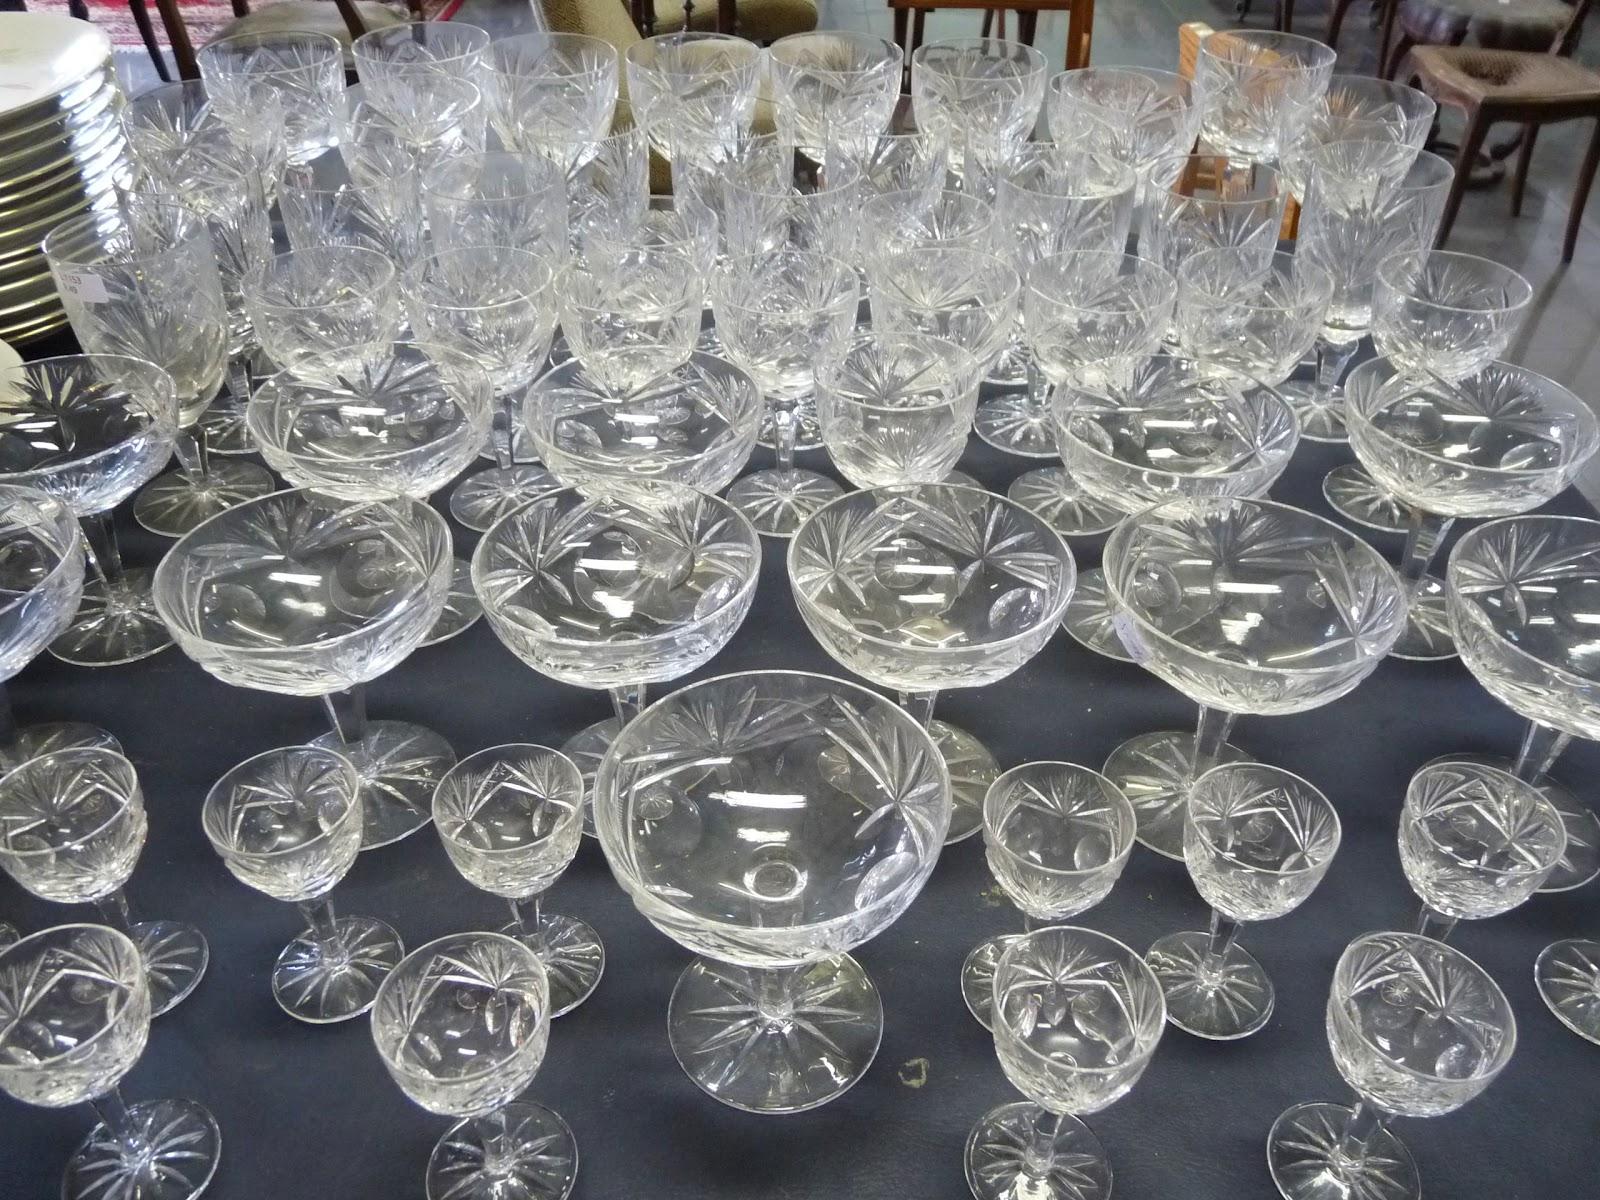 verre en cristal de baccarat trouvez le meilleur prix sur voir avant d 39 acheter. Black Bedroom Furniture Sets. Home Design Ideas